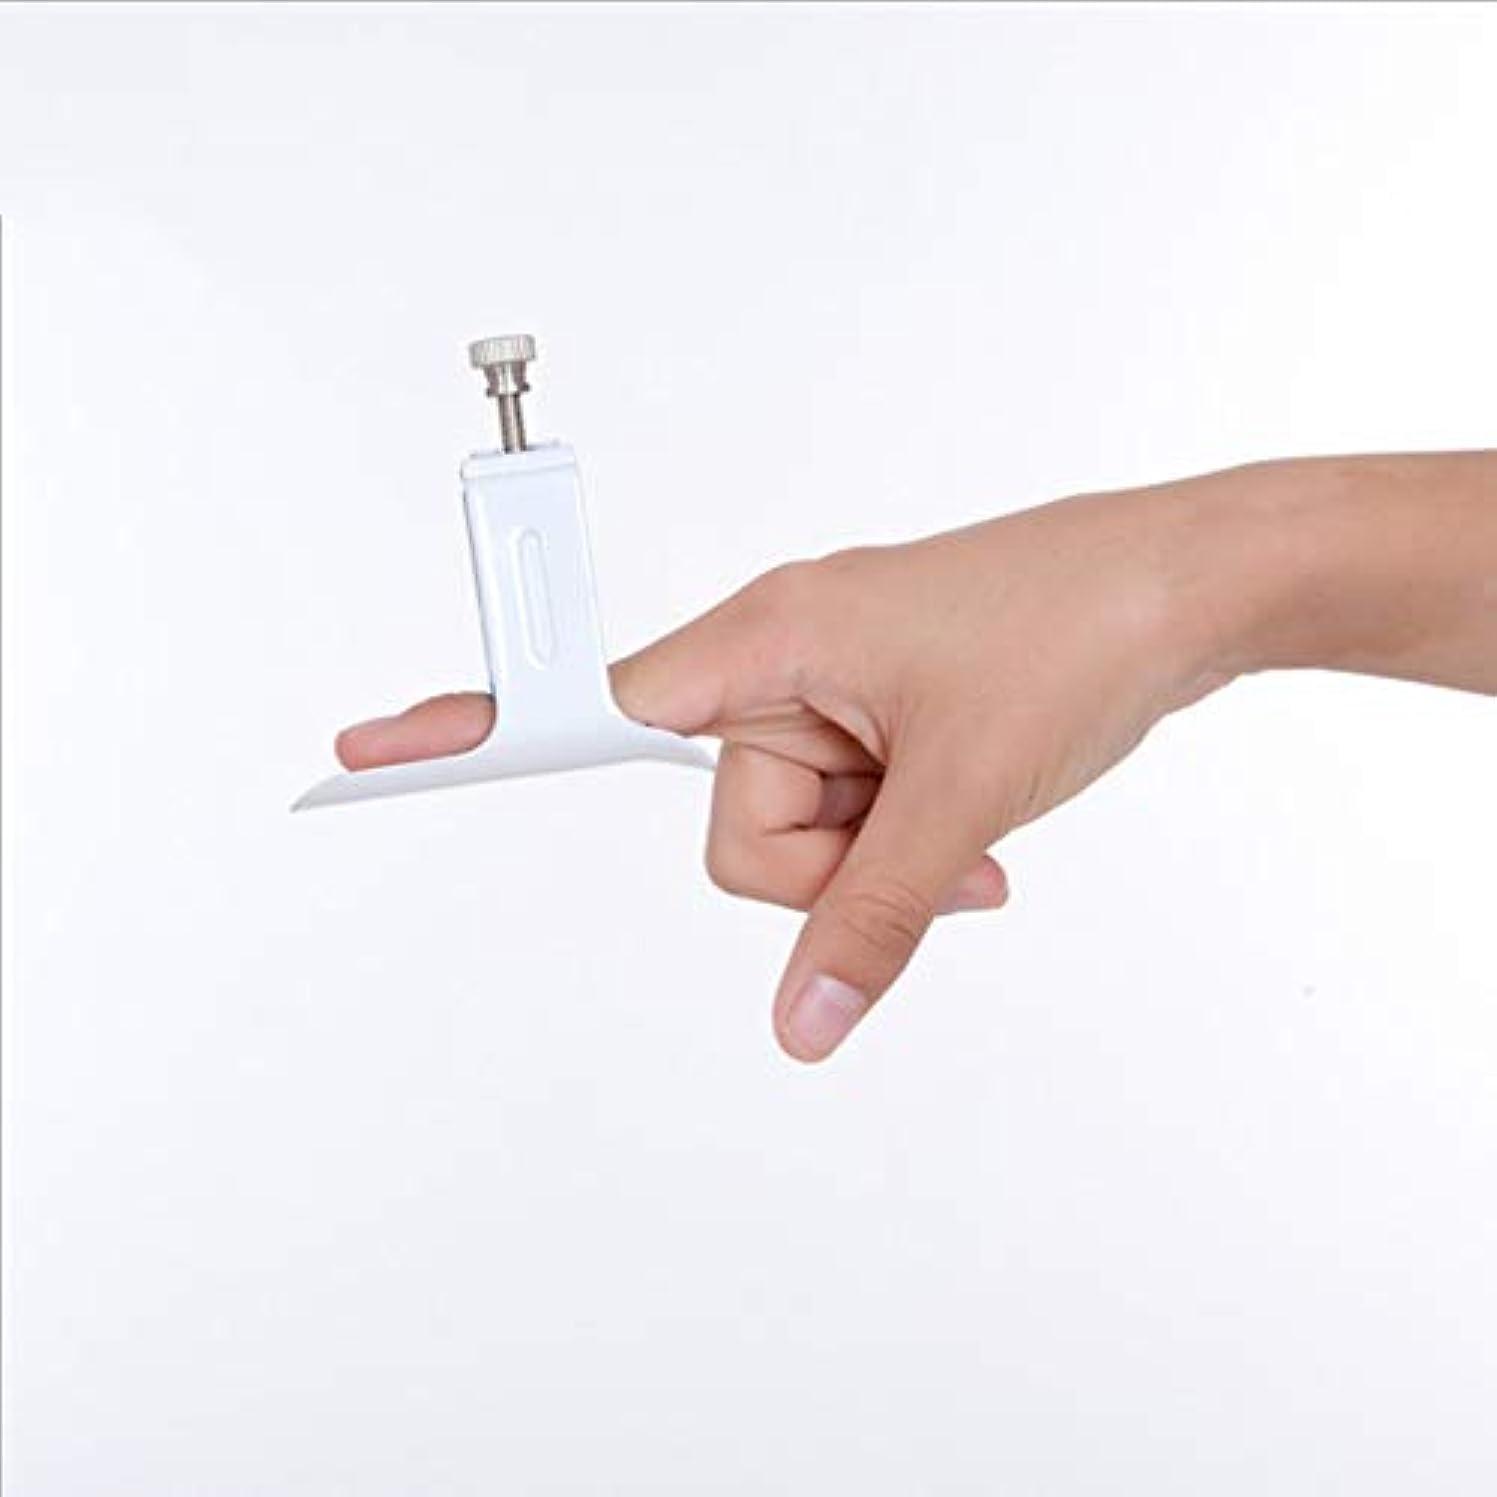 土砂降り首クロール指の延長副木、手指の傷害のホールダーの副木矯正器指の拡張指の固定固定されたリハビリテーションの苦痛救助用具の援助